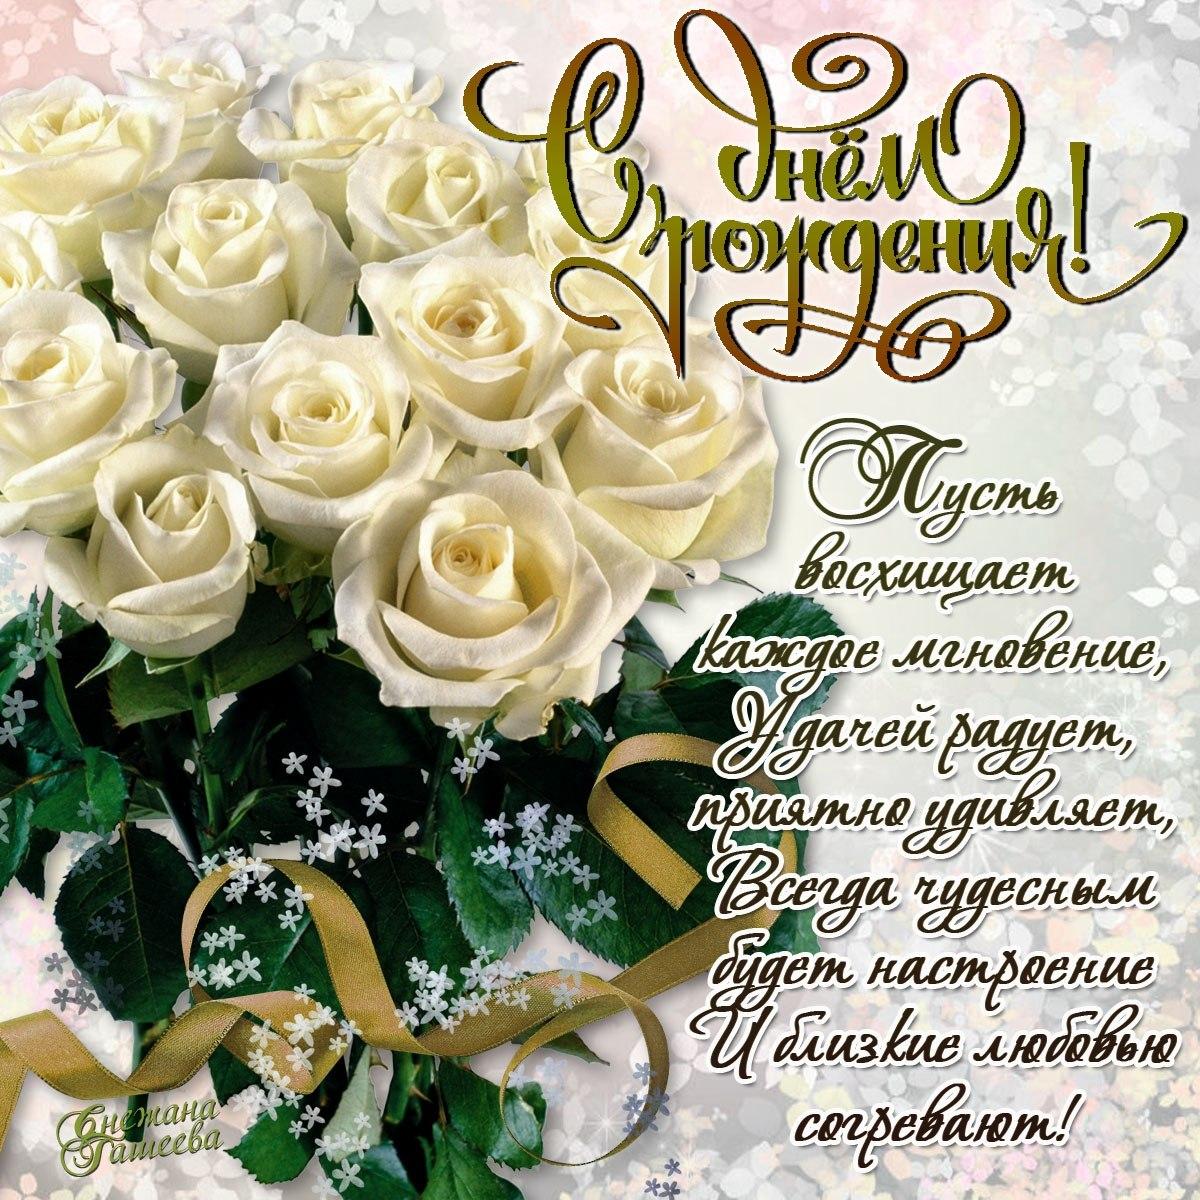 Красивая открытка поздравление с Днем Рождения женщине   подборка (10)